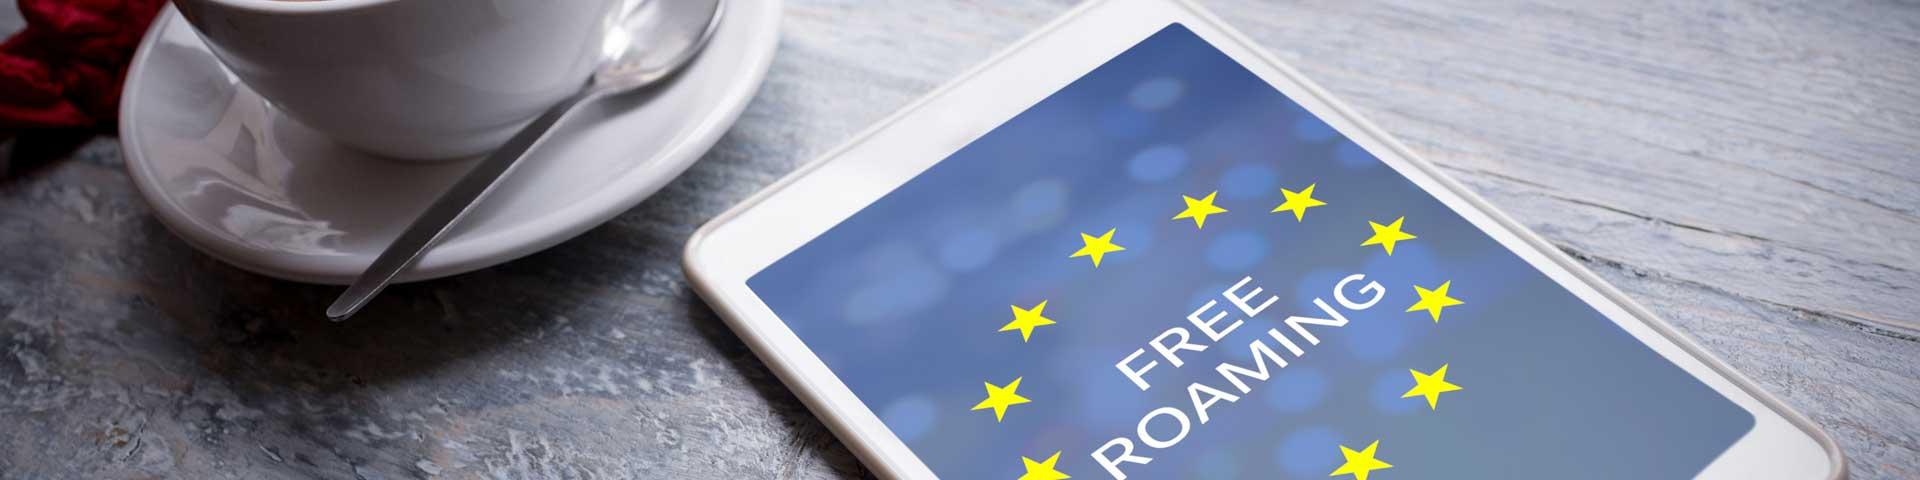 roaming EU